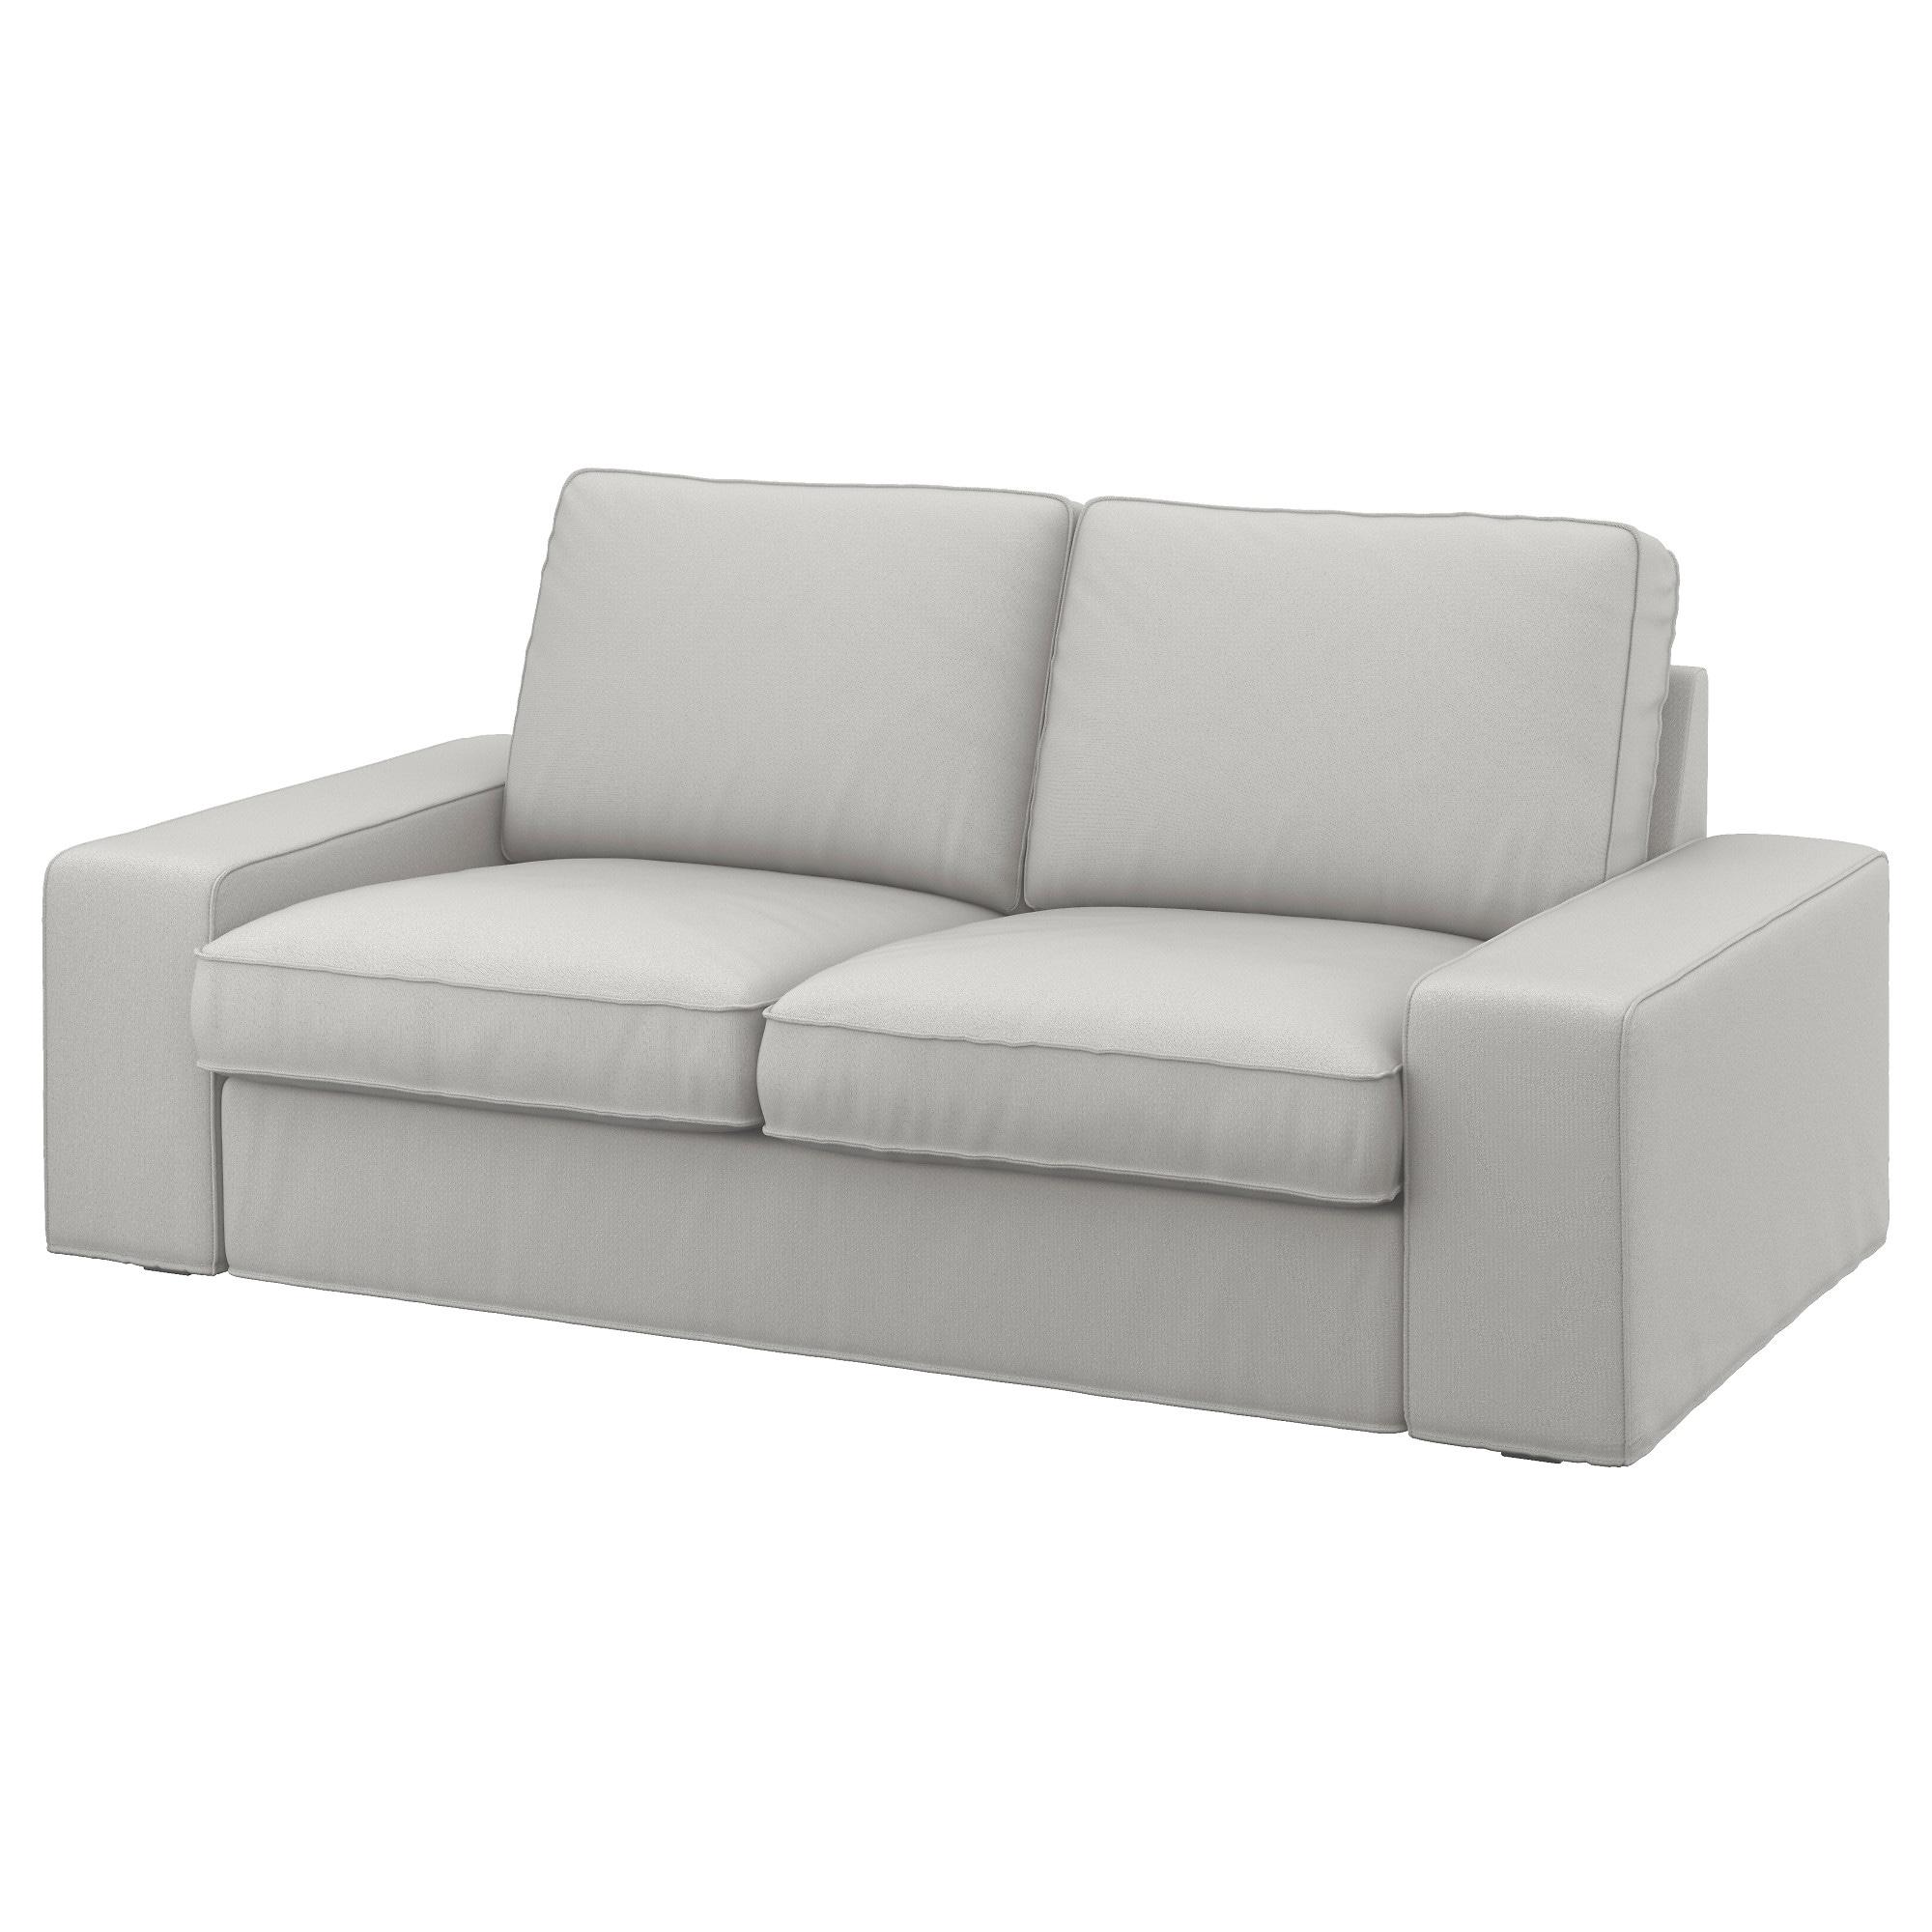 Cara Membuat Sofa 2 Seater